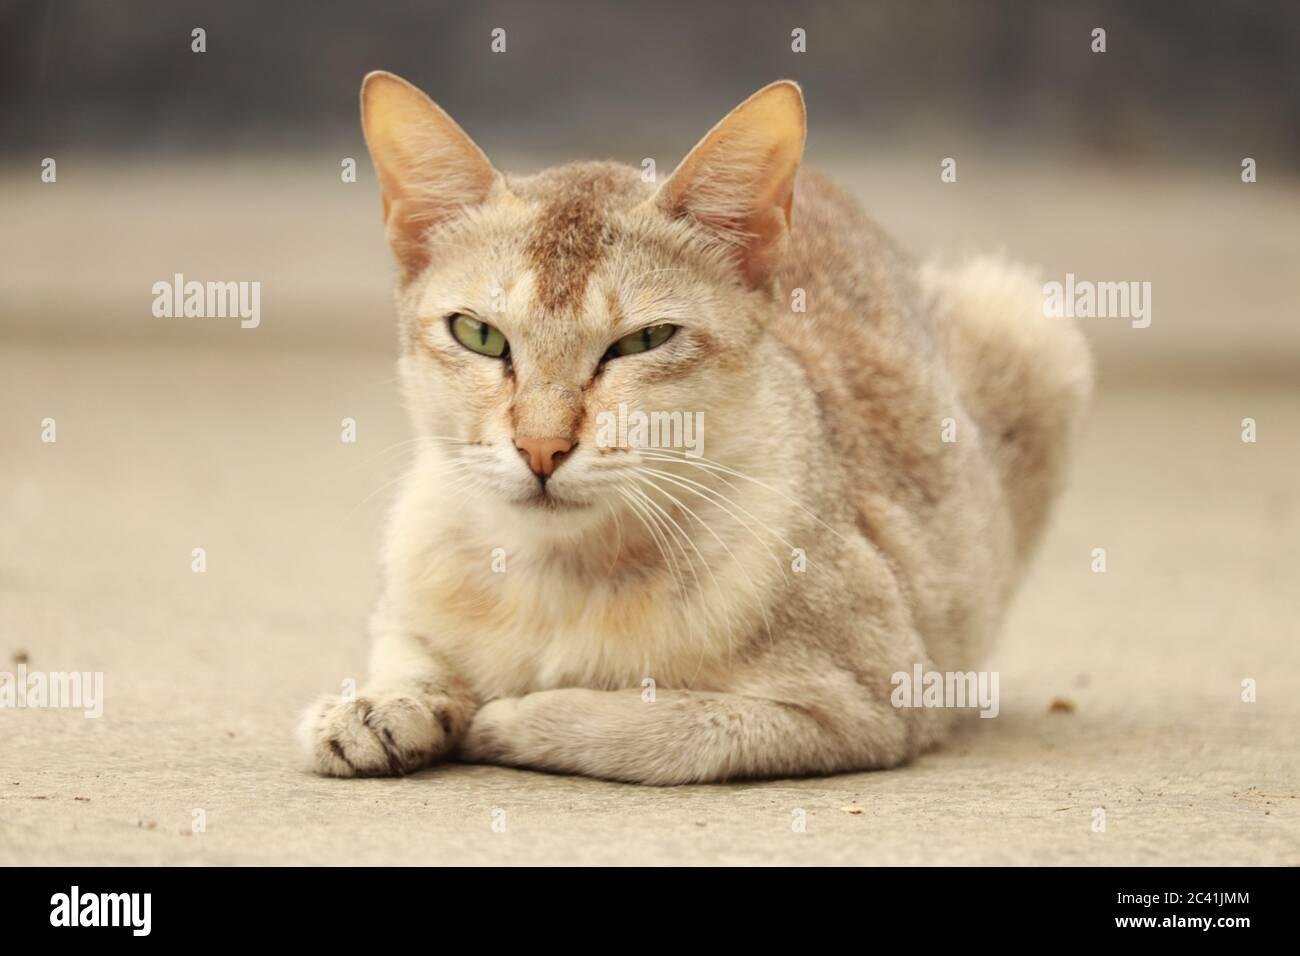 Un chat domestique blanc qui regarde ses yeux mignons. Banque D'Images